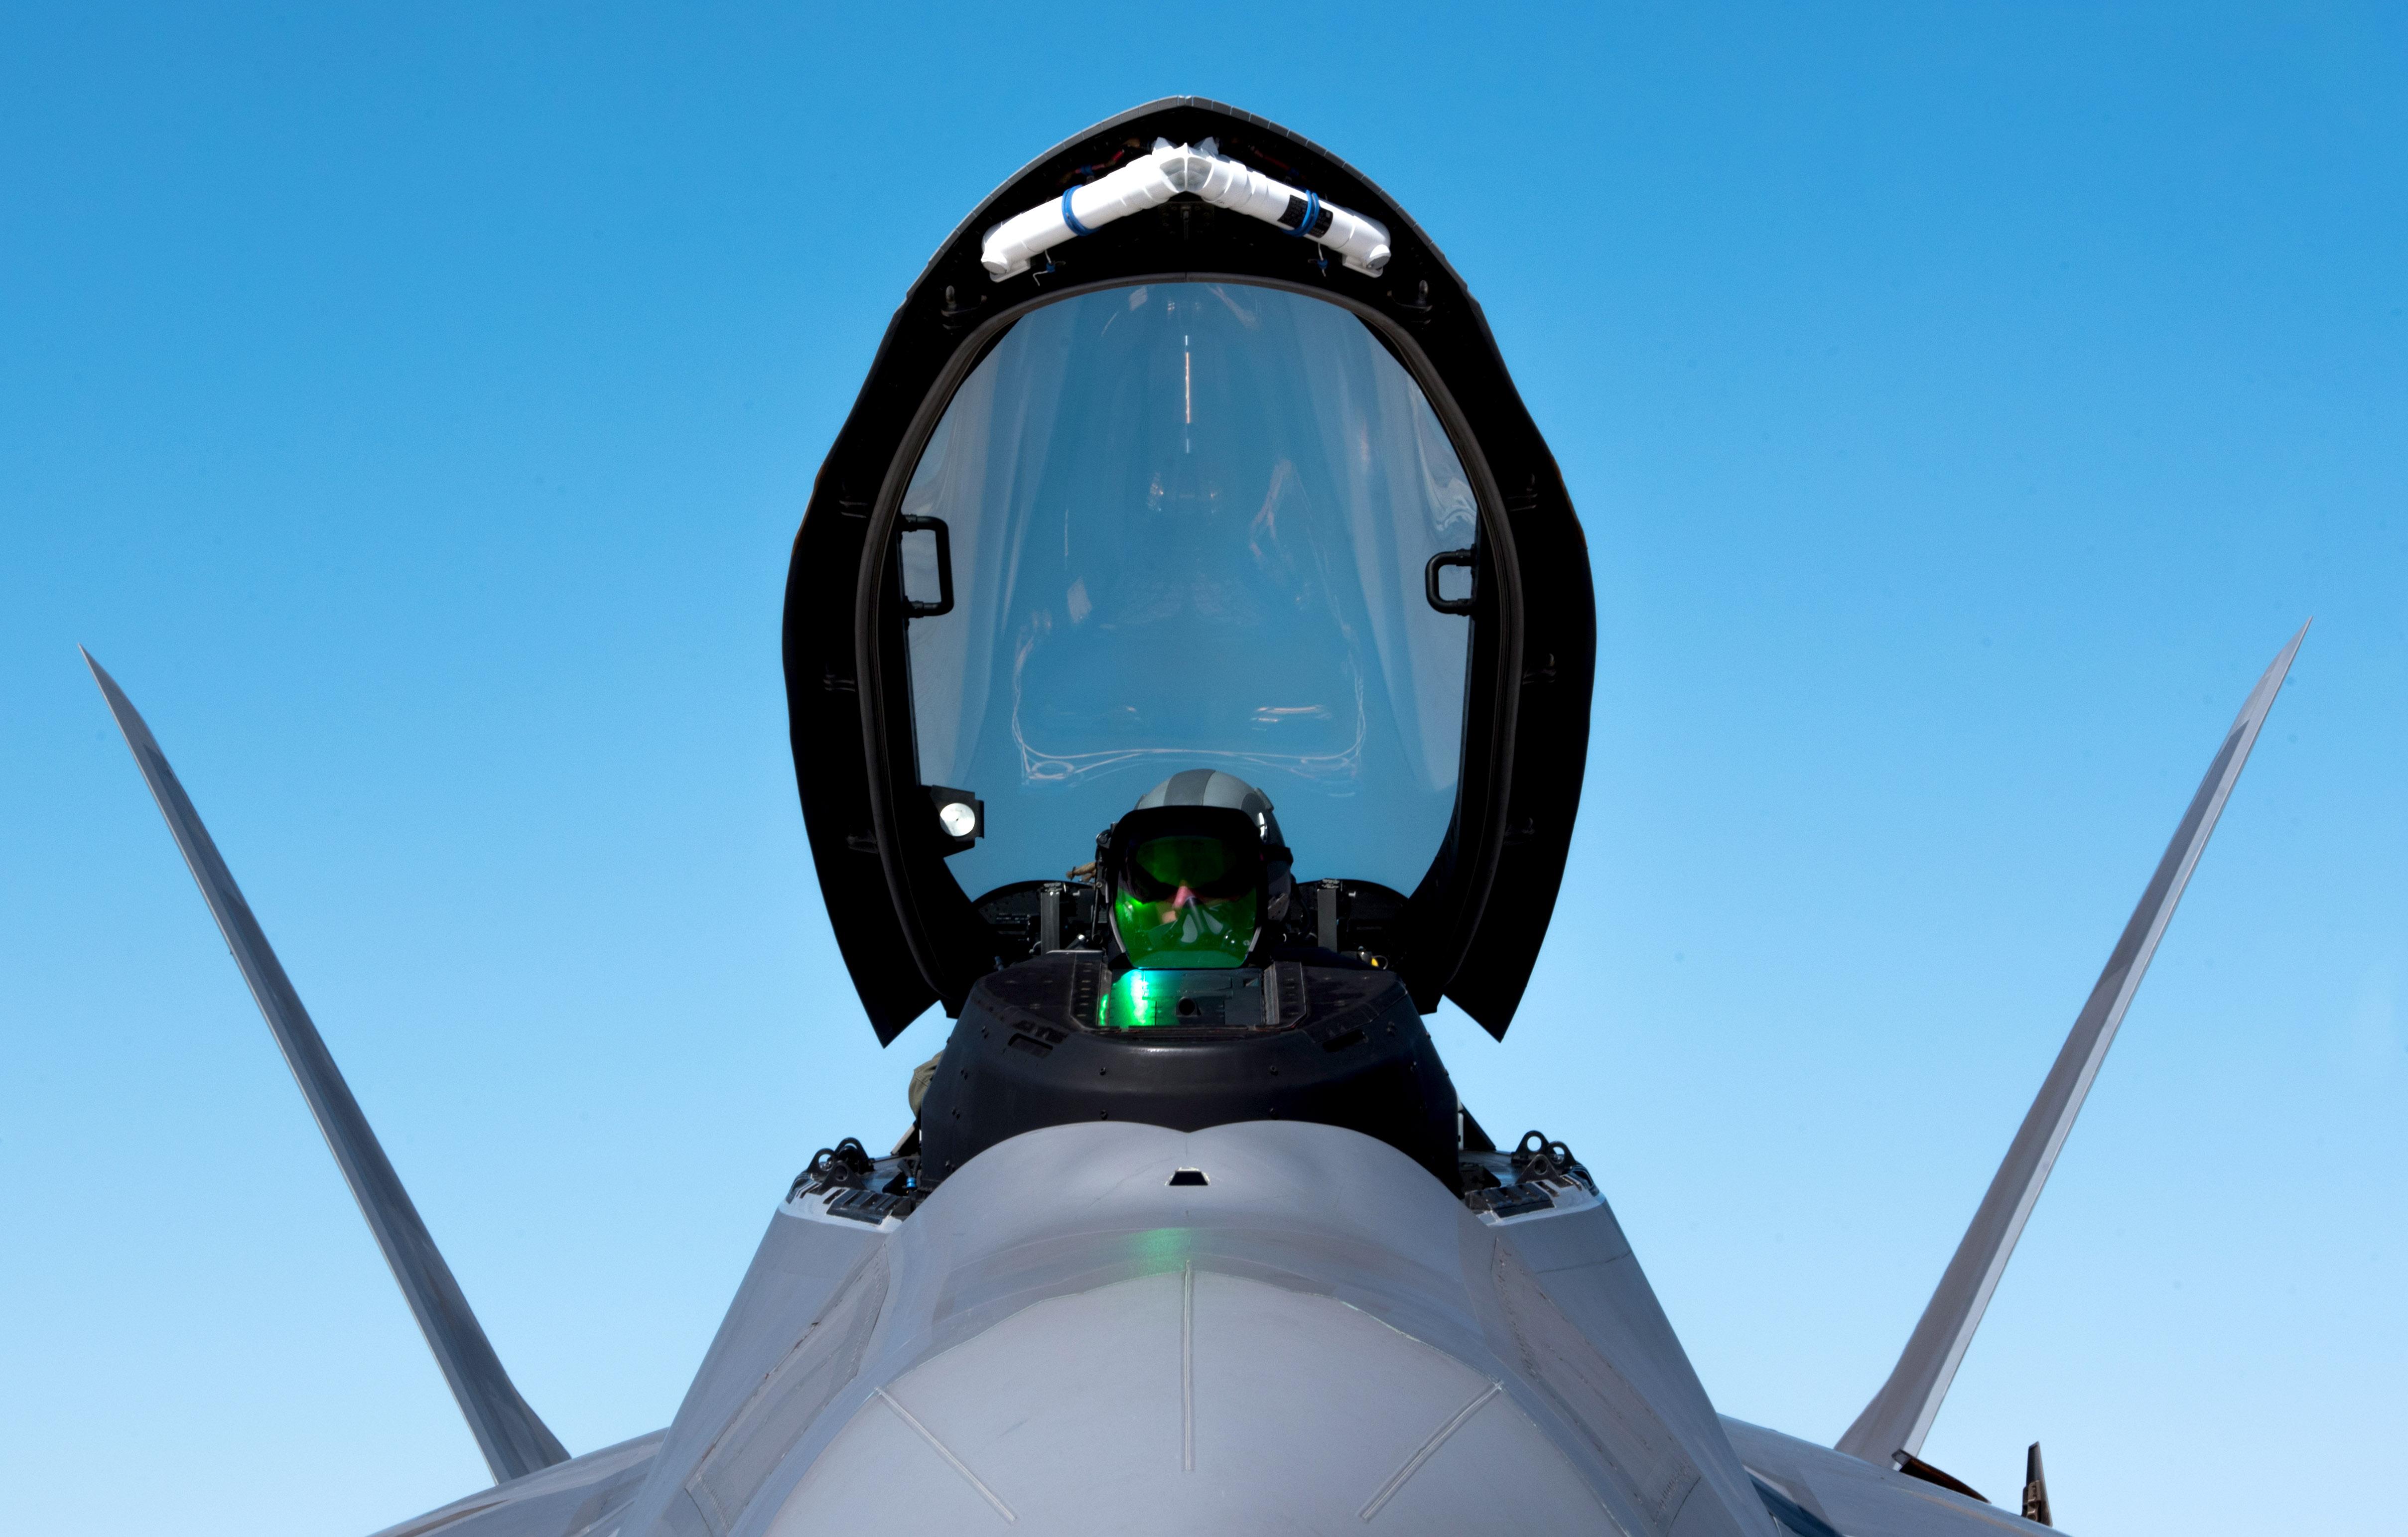 94th FS: It takes a Squadron